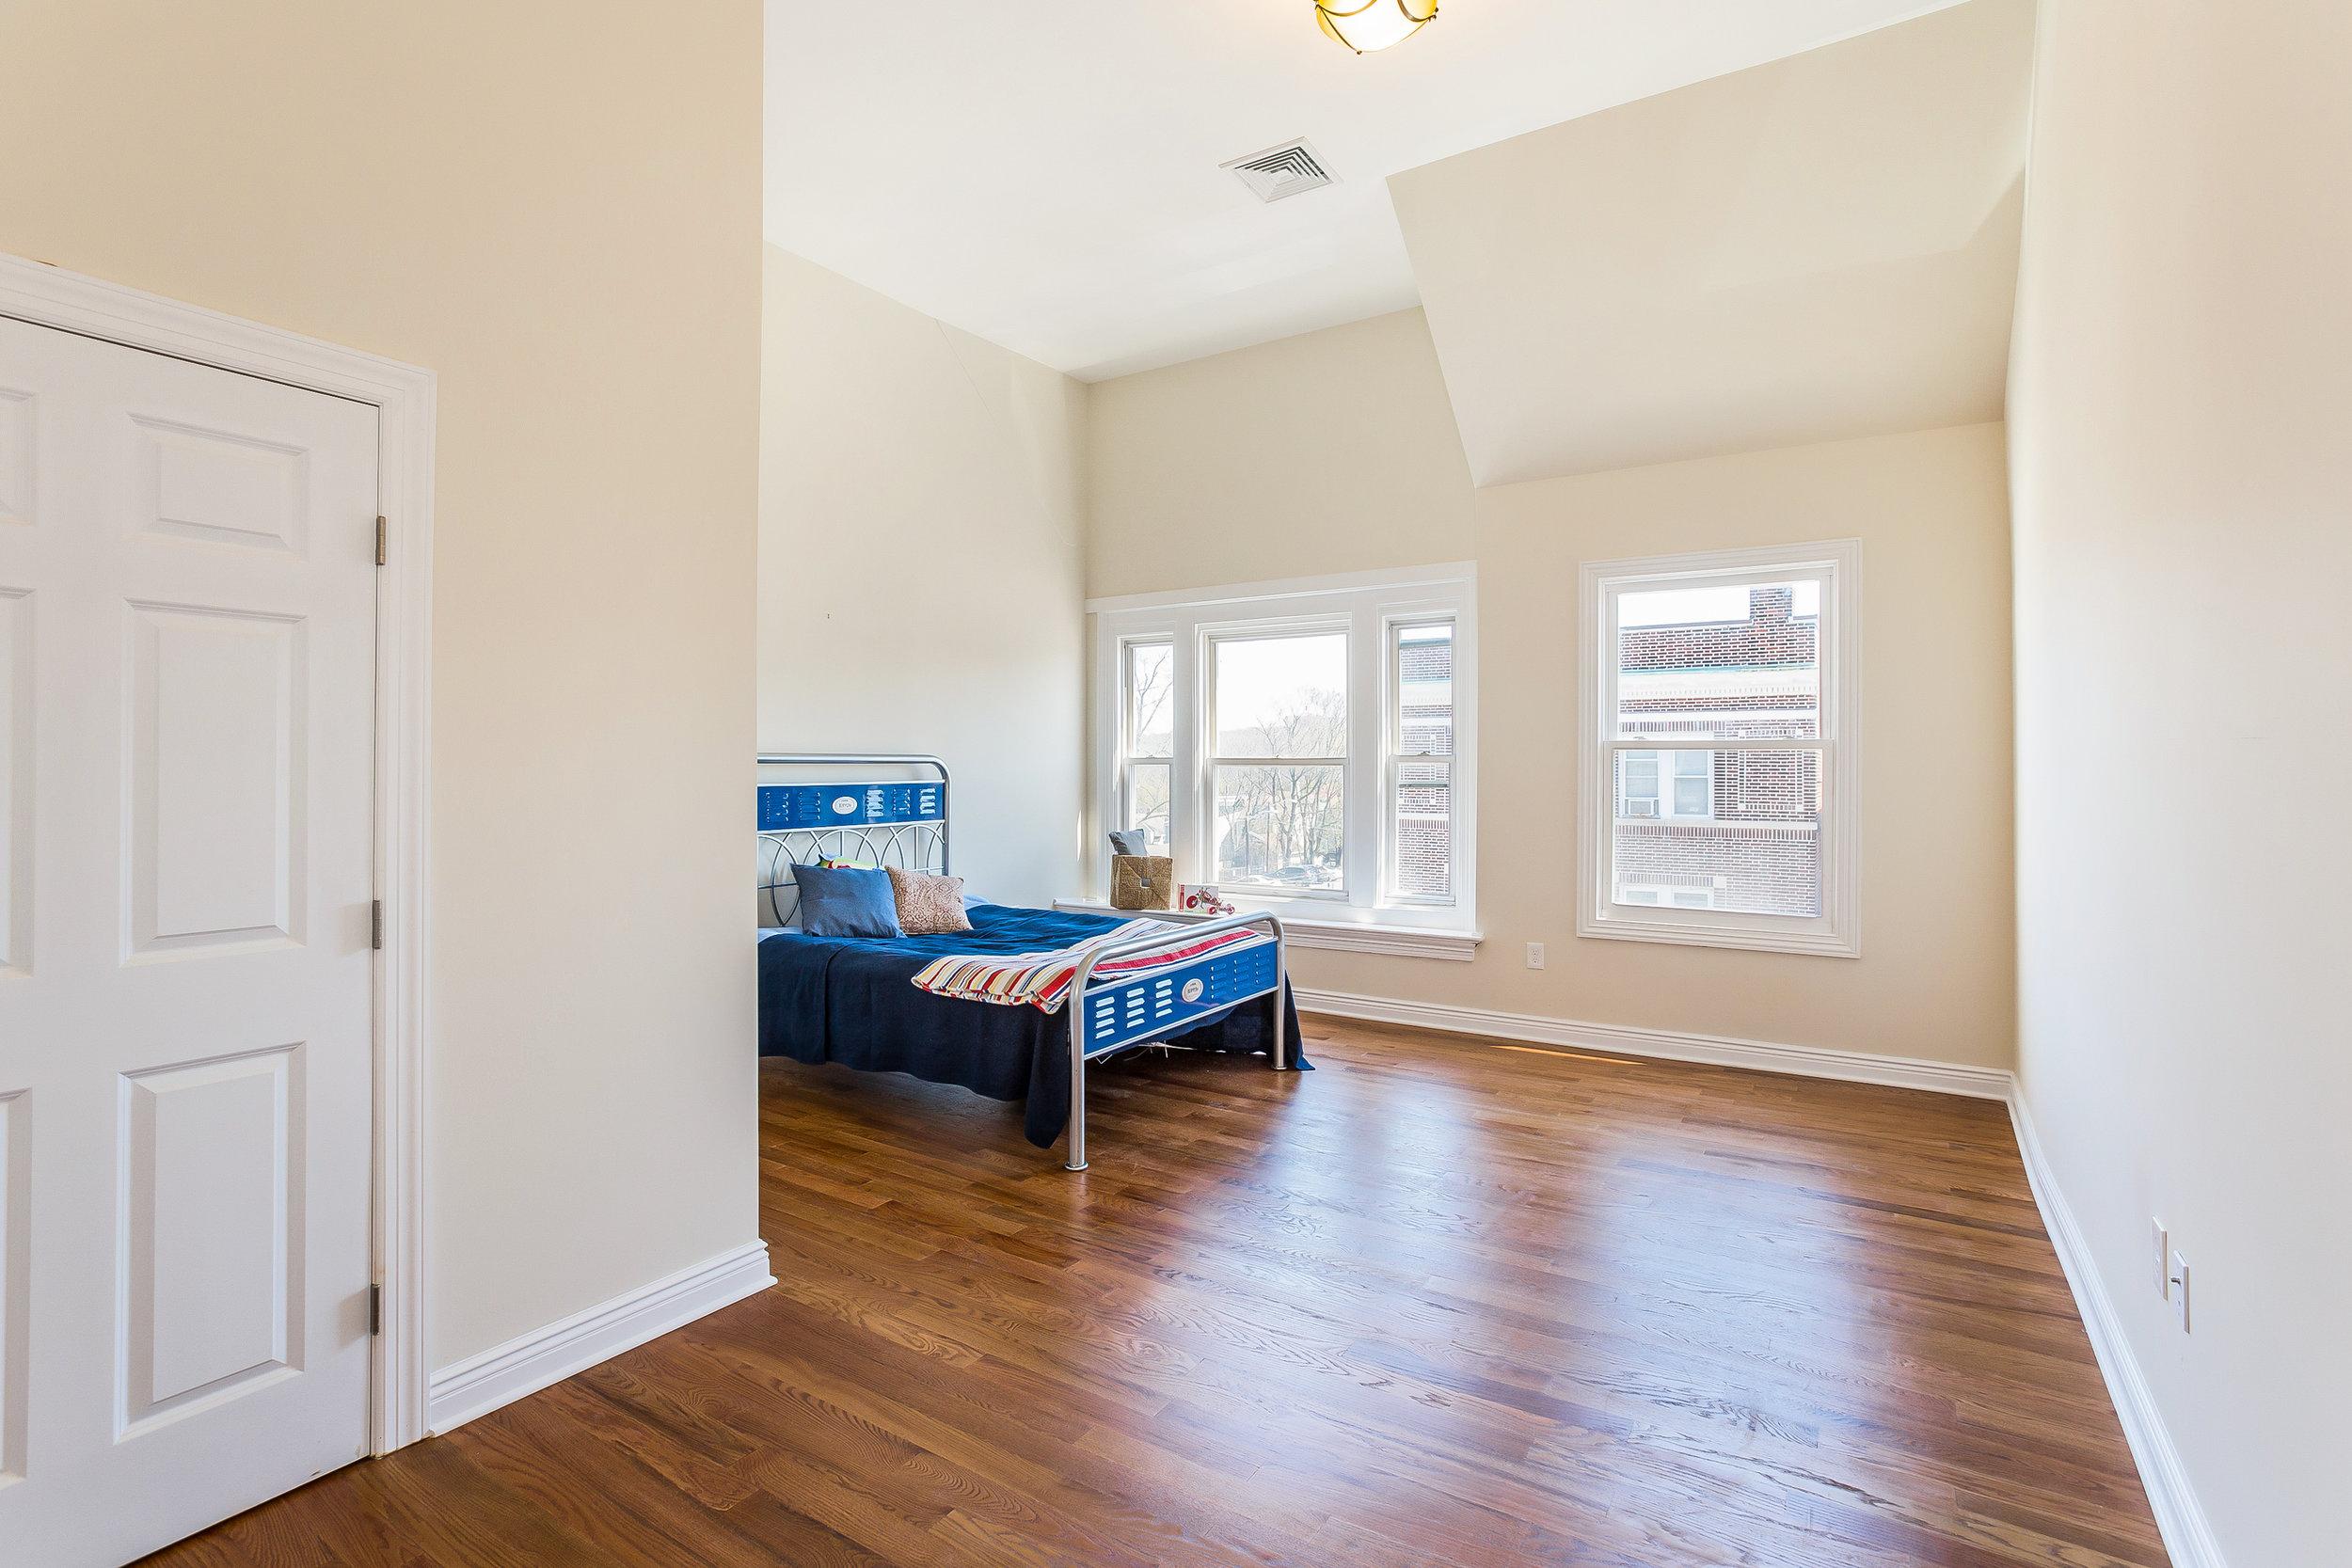 051-Bedroom-3992664-large.jpg